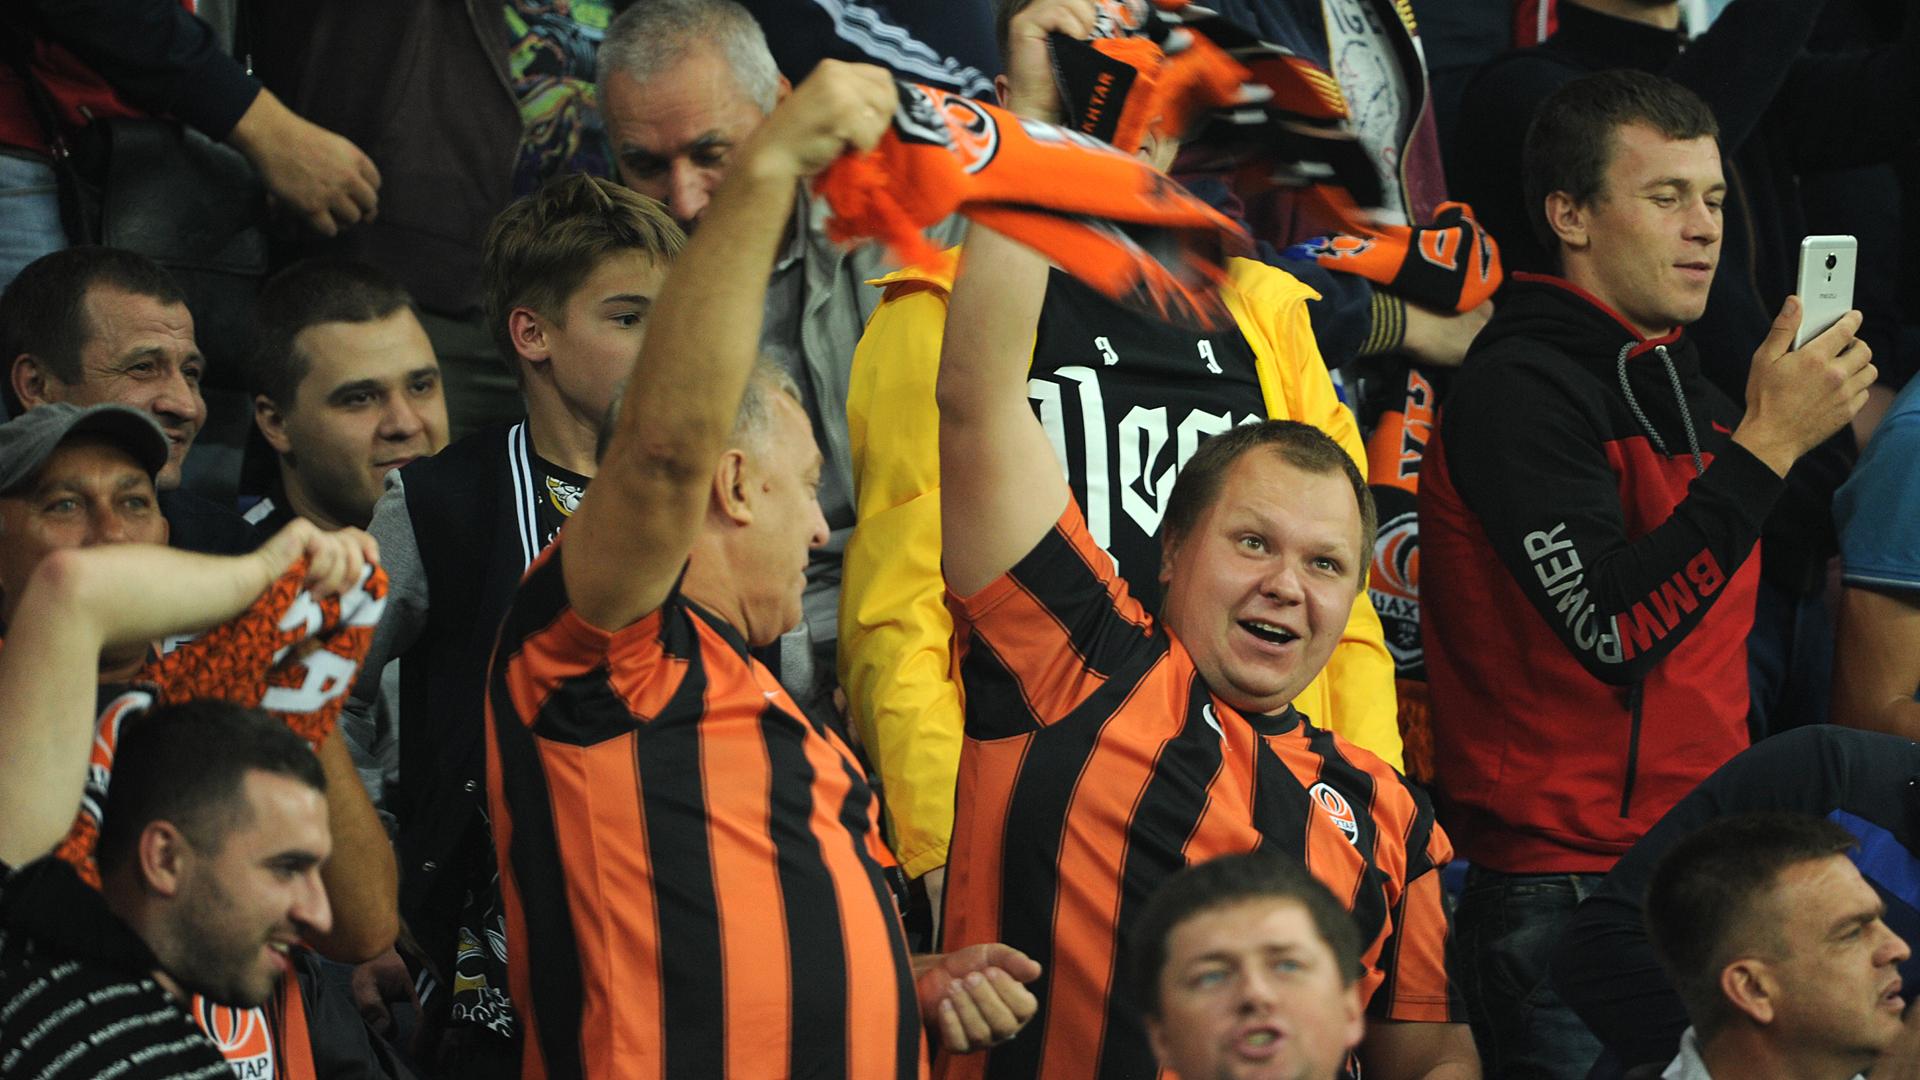 Лига чемпионов в Харькове: за билеты придется выложить приличные суммы